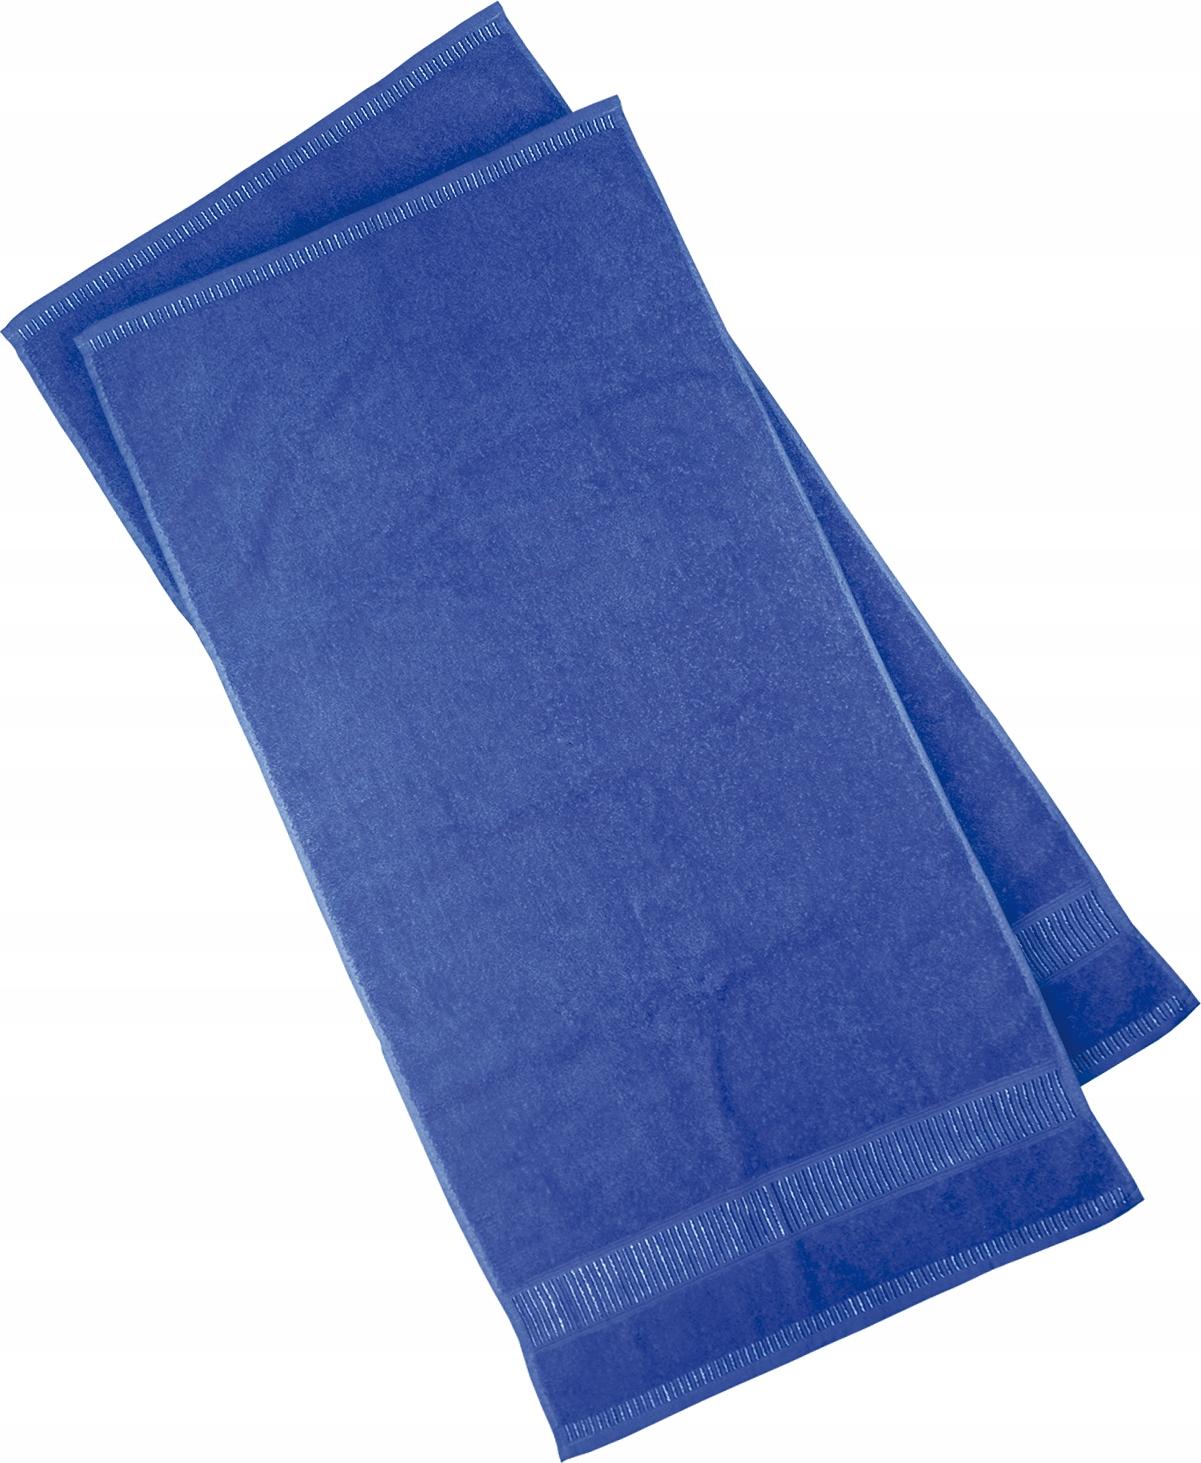 Полотенце махровое 500 50x100см темно-синее